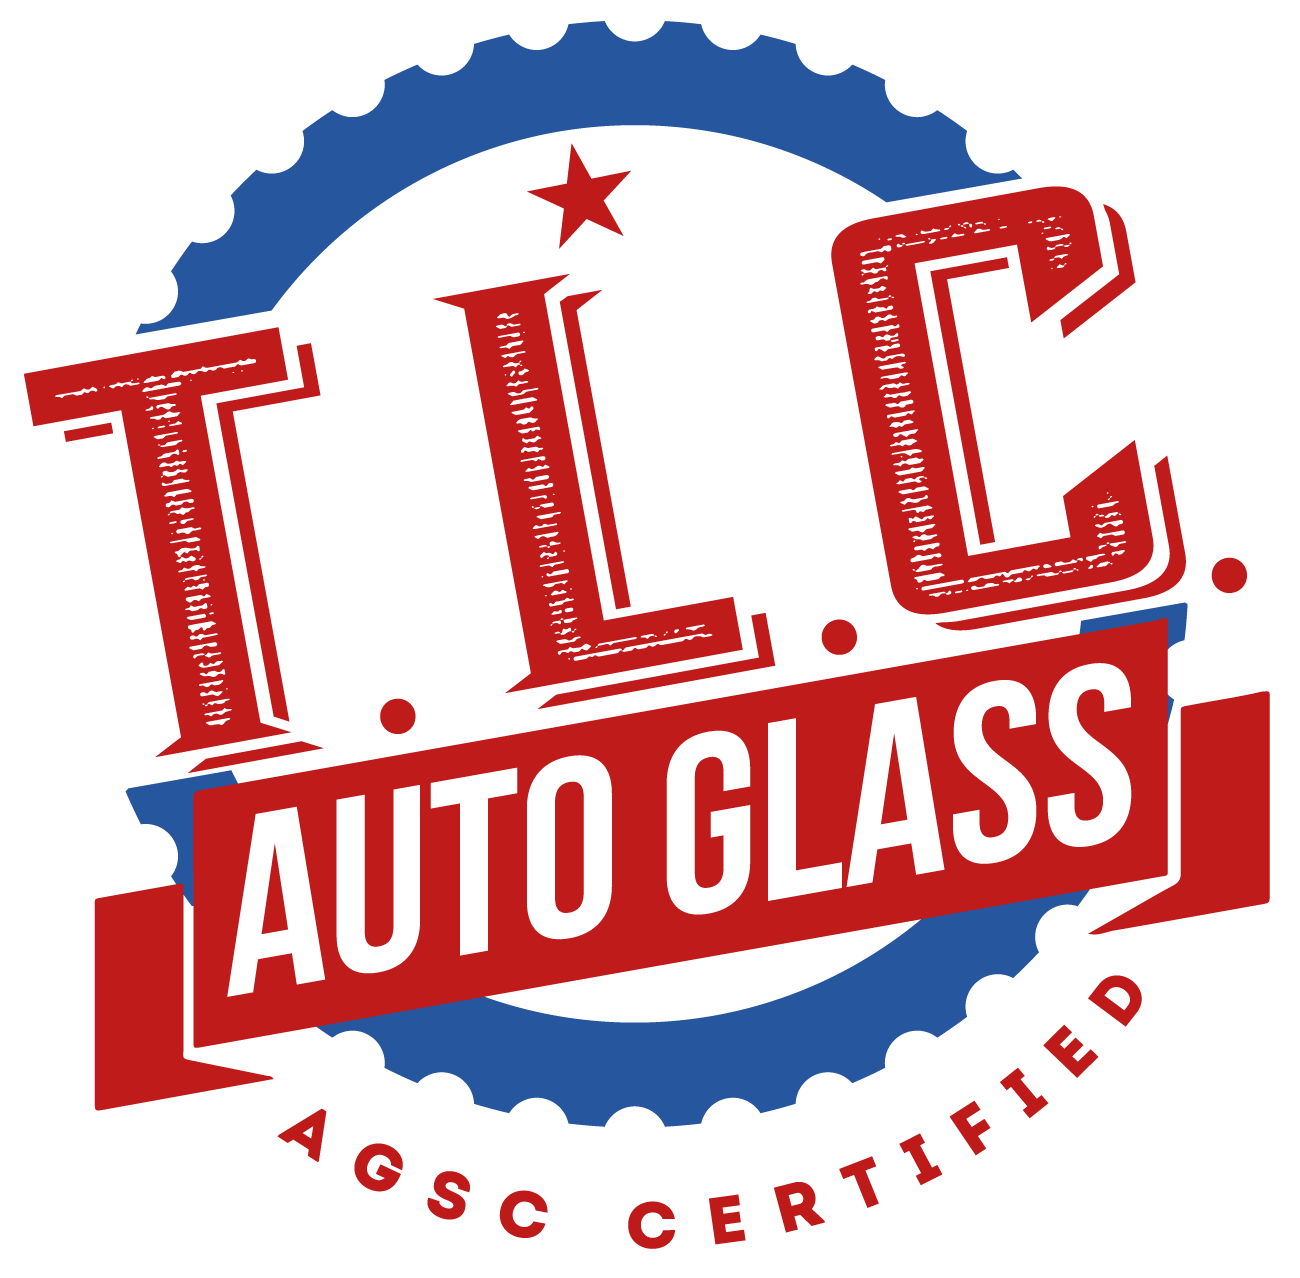 Autoglass Repair Austin TX